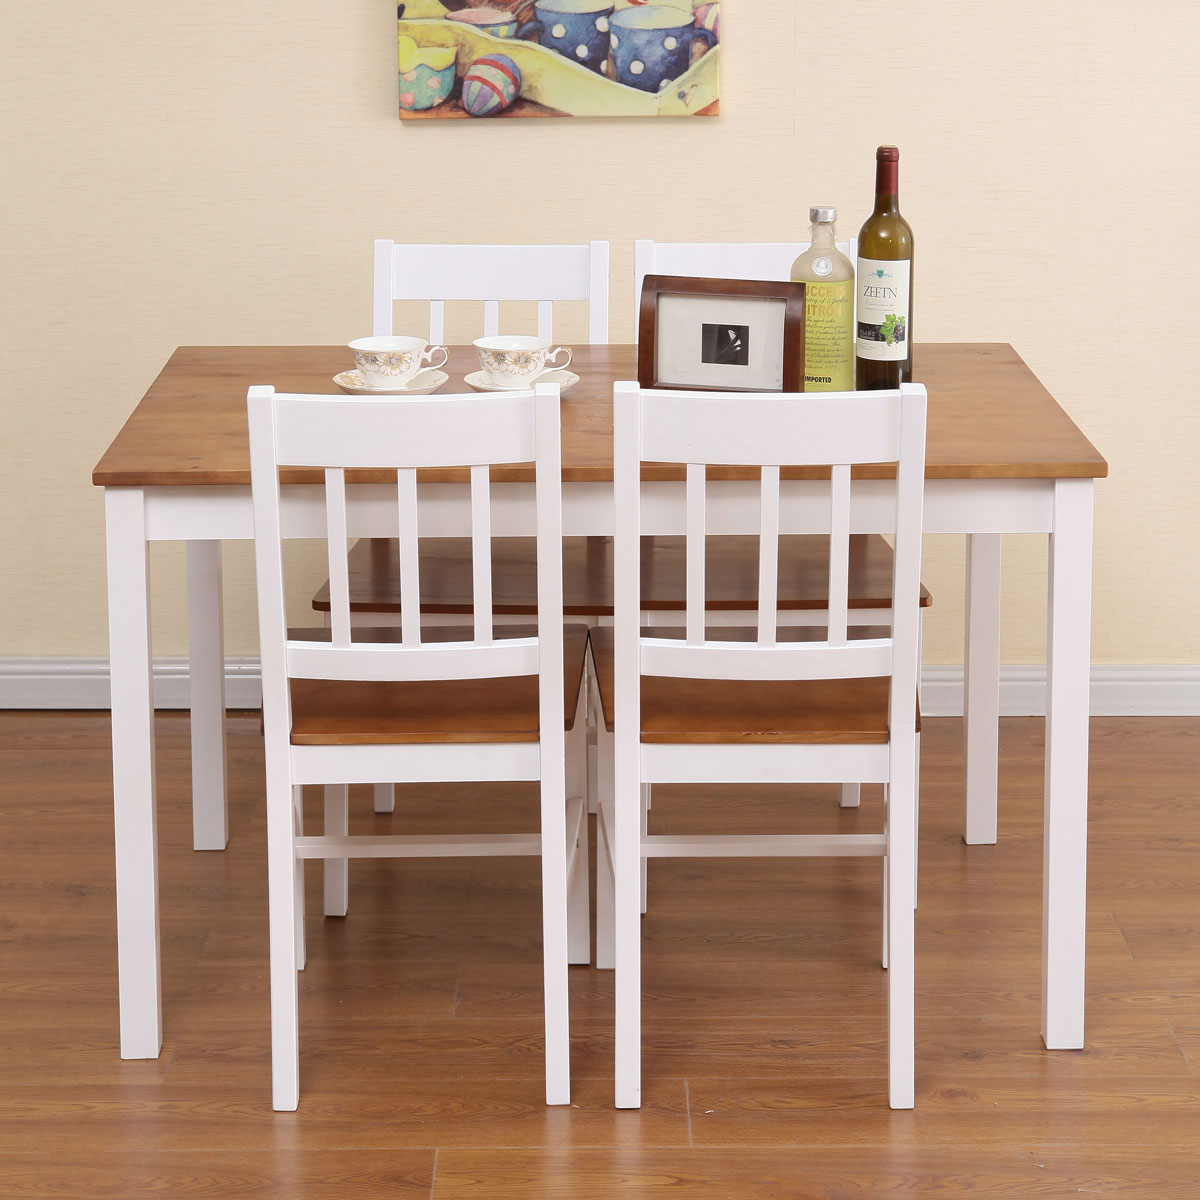 שולחן פינת אוכל עם 4 כיסאות מעץ מלא בעיצוב אלגנטי - תמונה 3